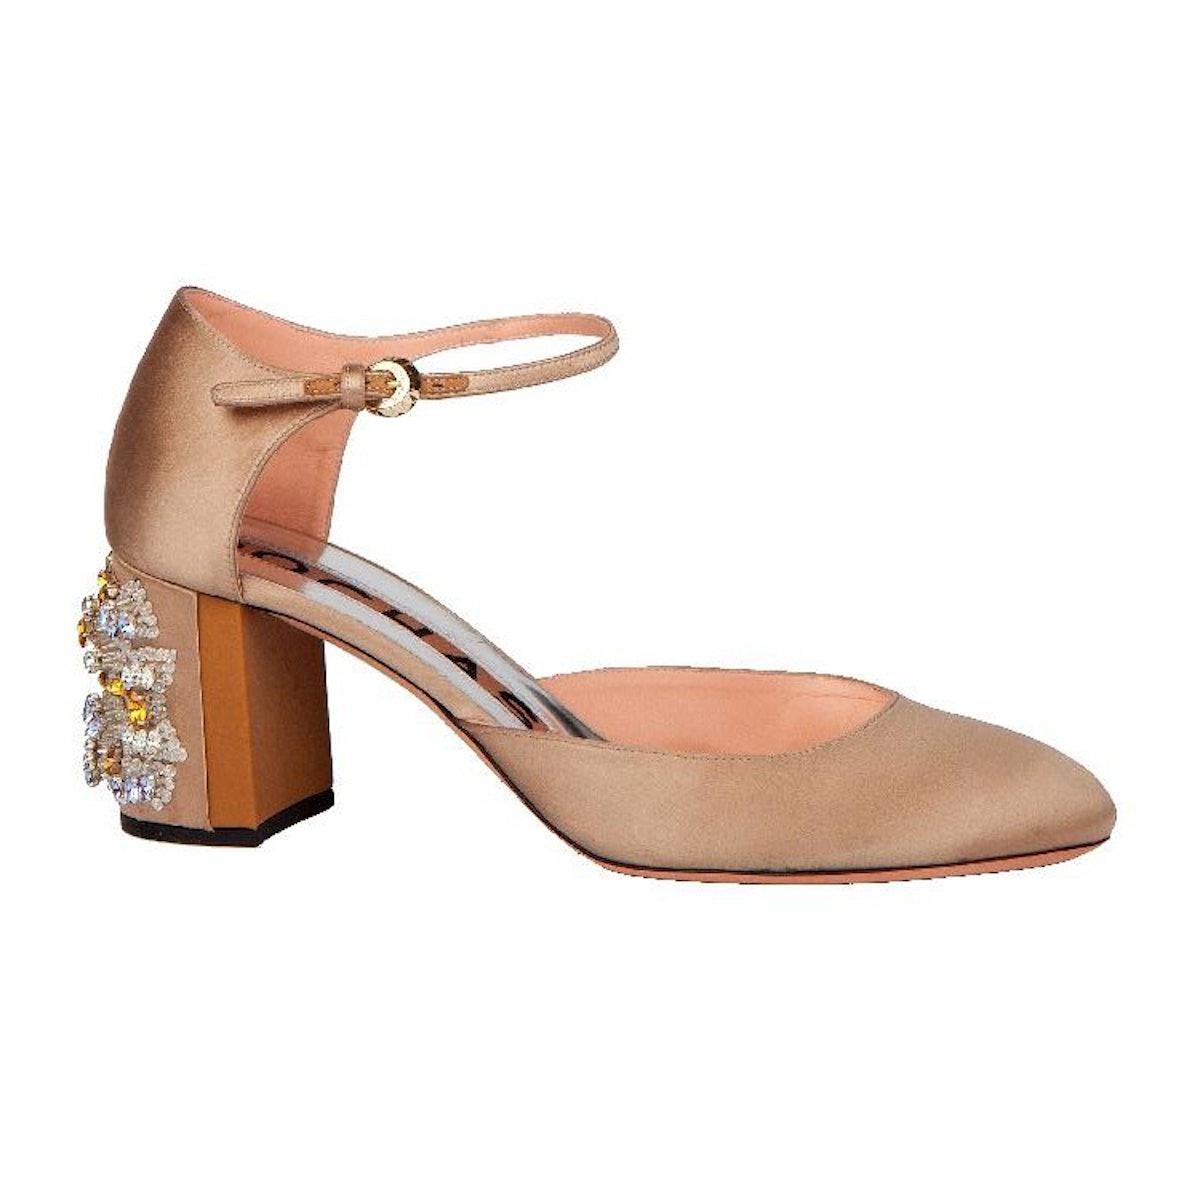 Rochas shoe